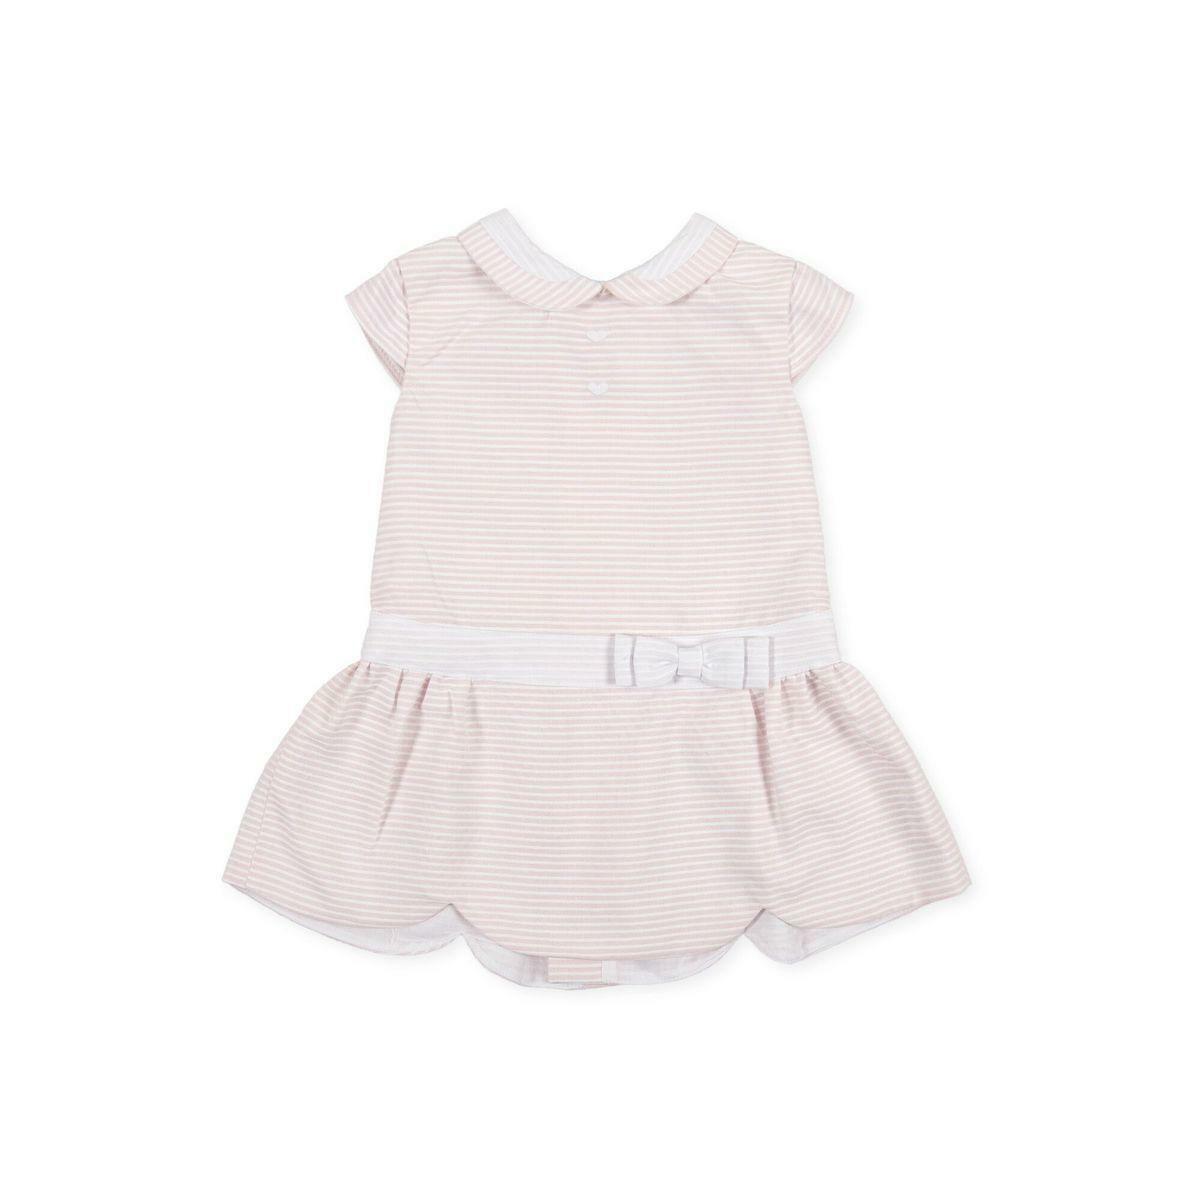 tutto piccolo tutto piccolo vestitino neonato rosa 8212s20/p00